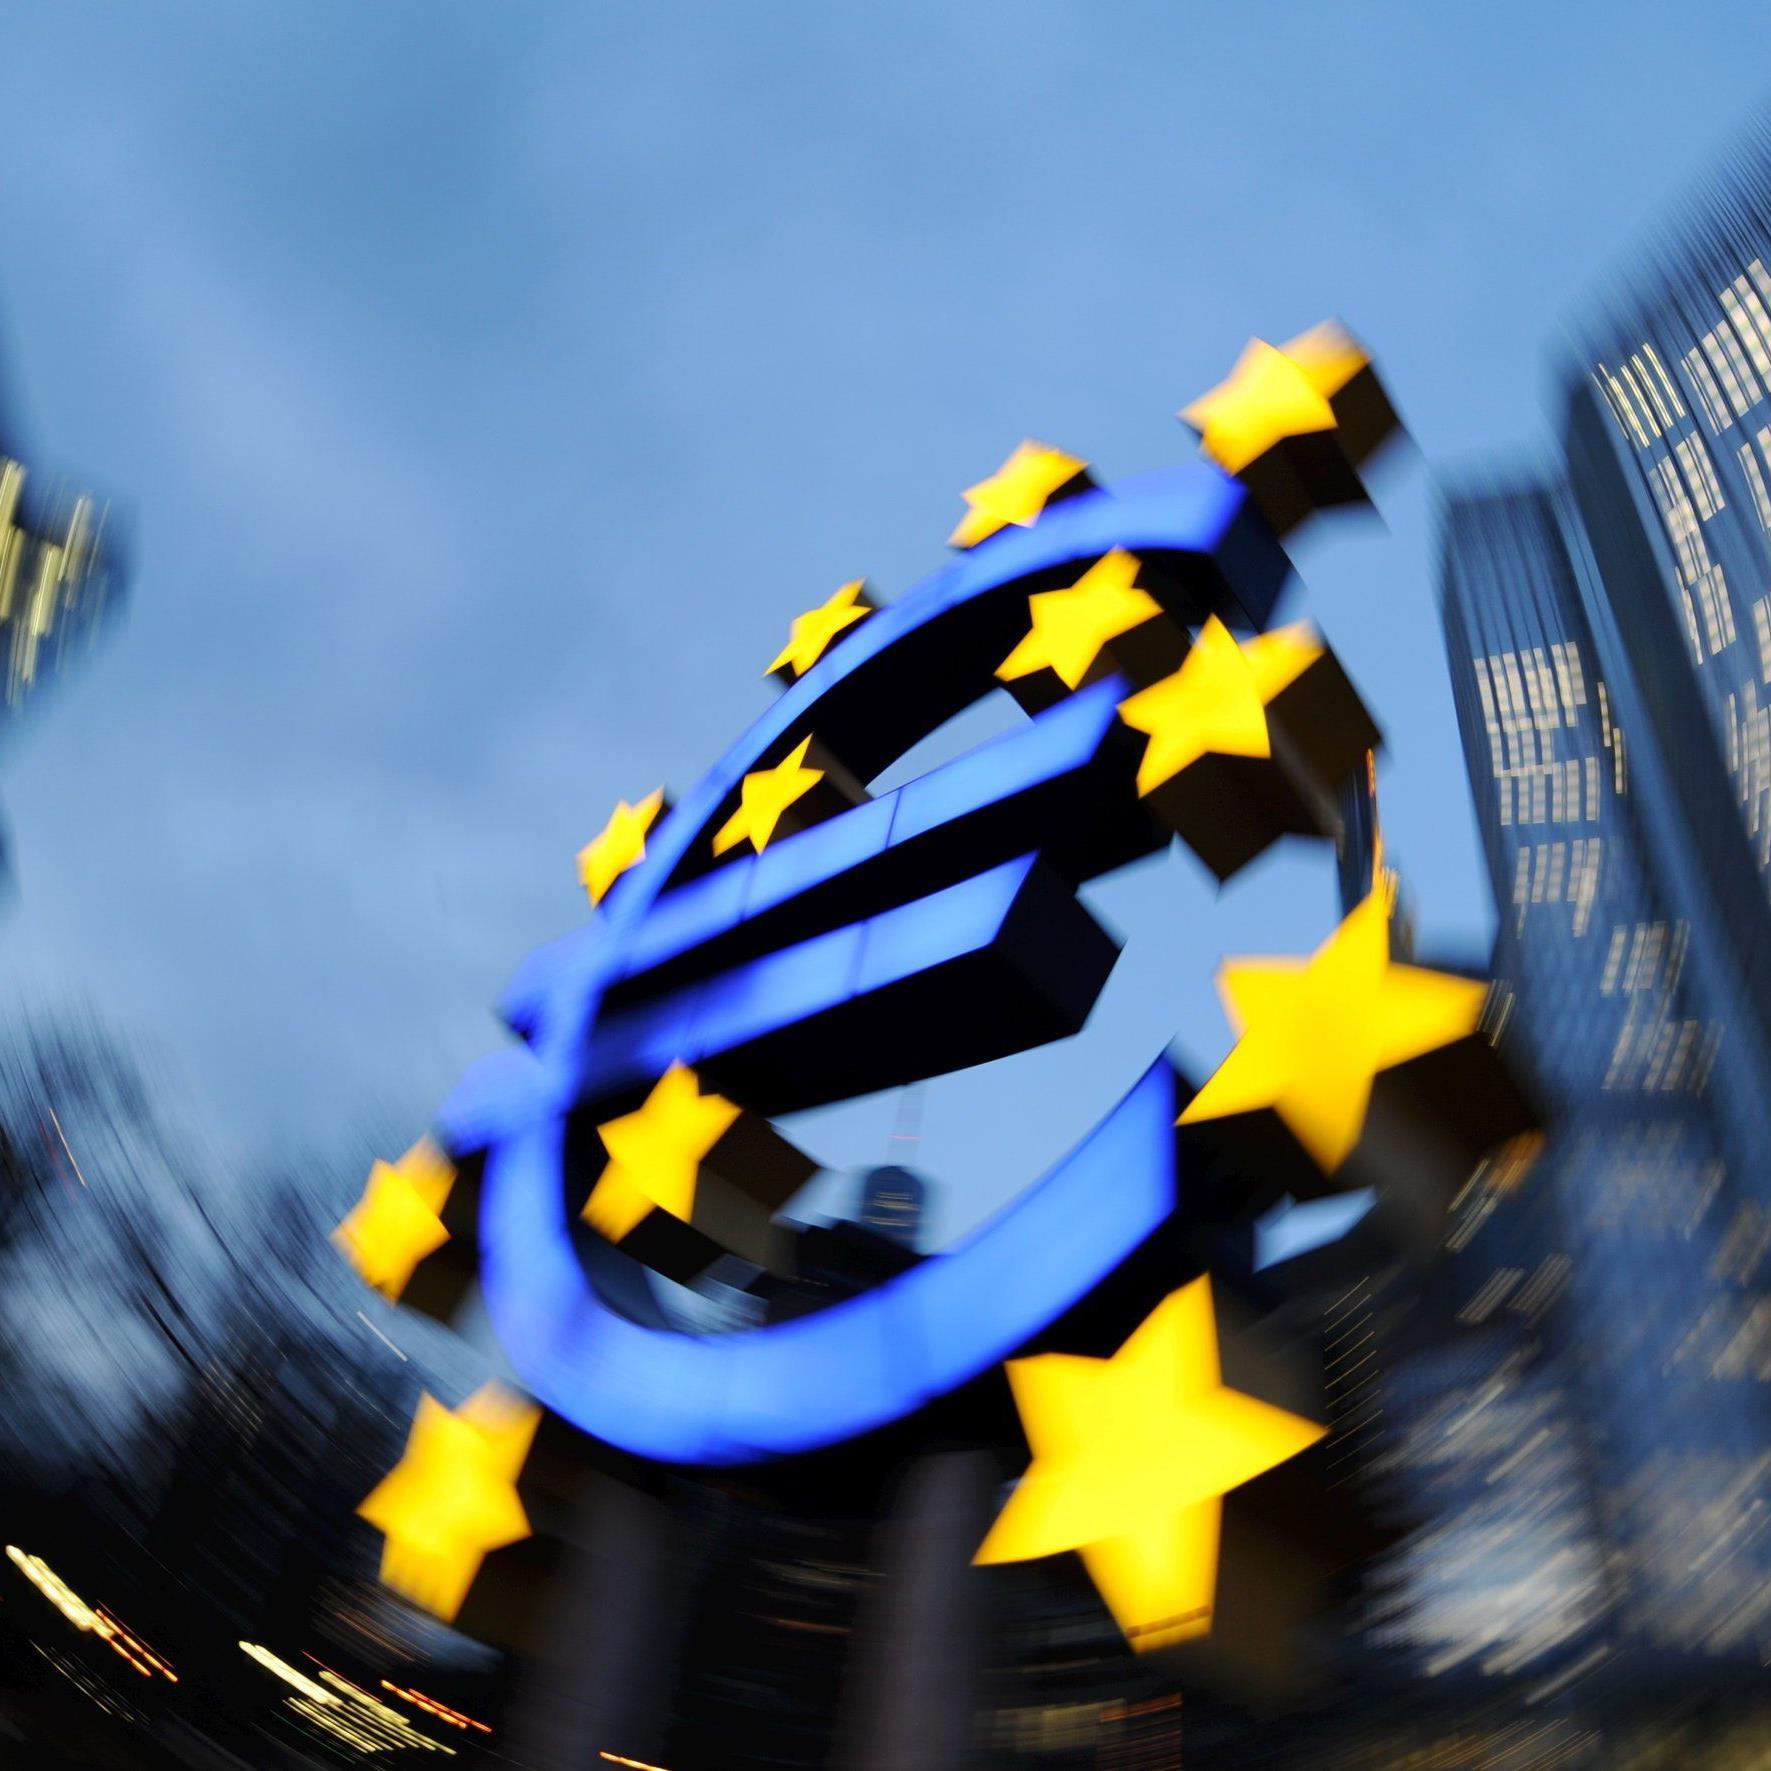 Händler rechnen mit Staatsanleihenkäufen der EZB im Volumen von 600 Milliarden Euro